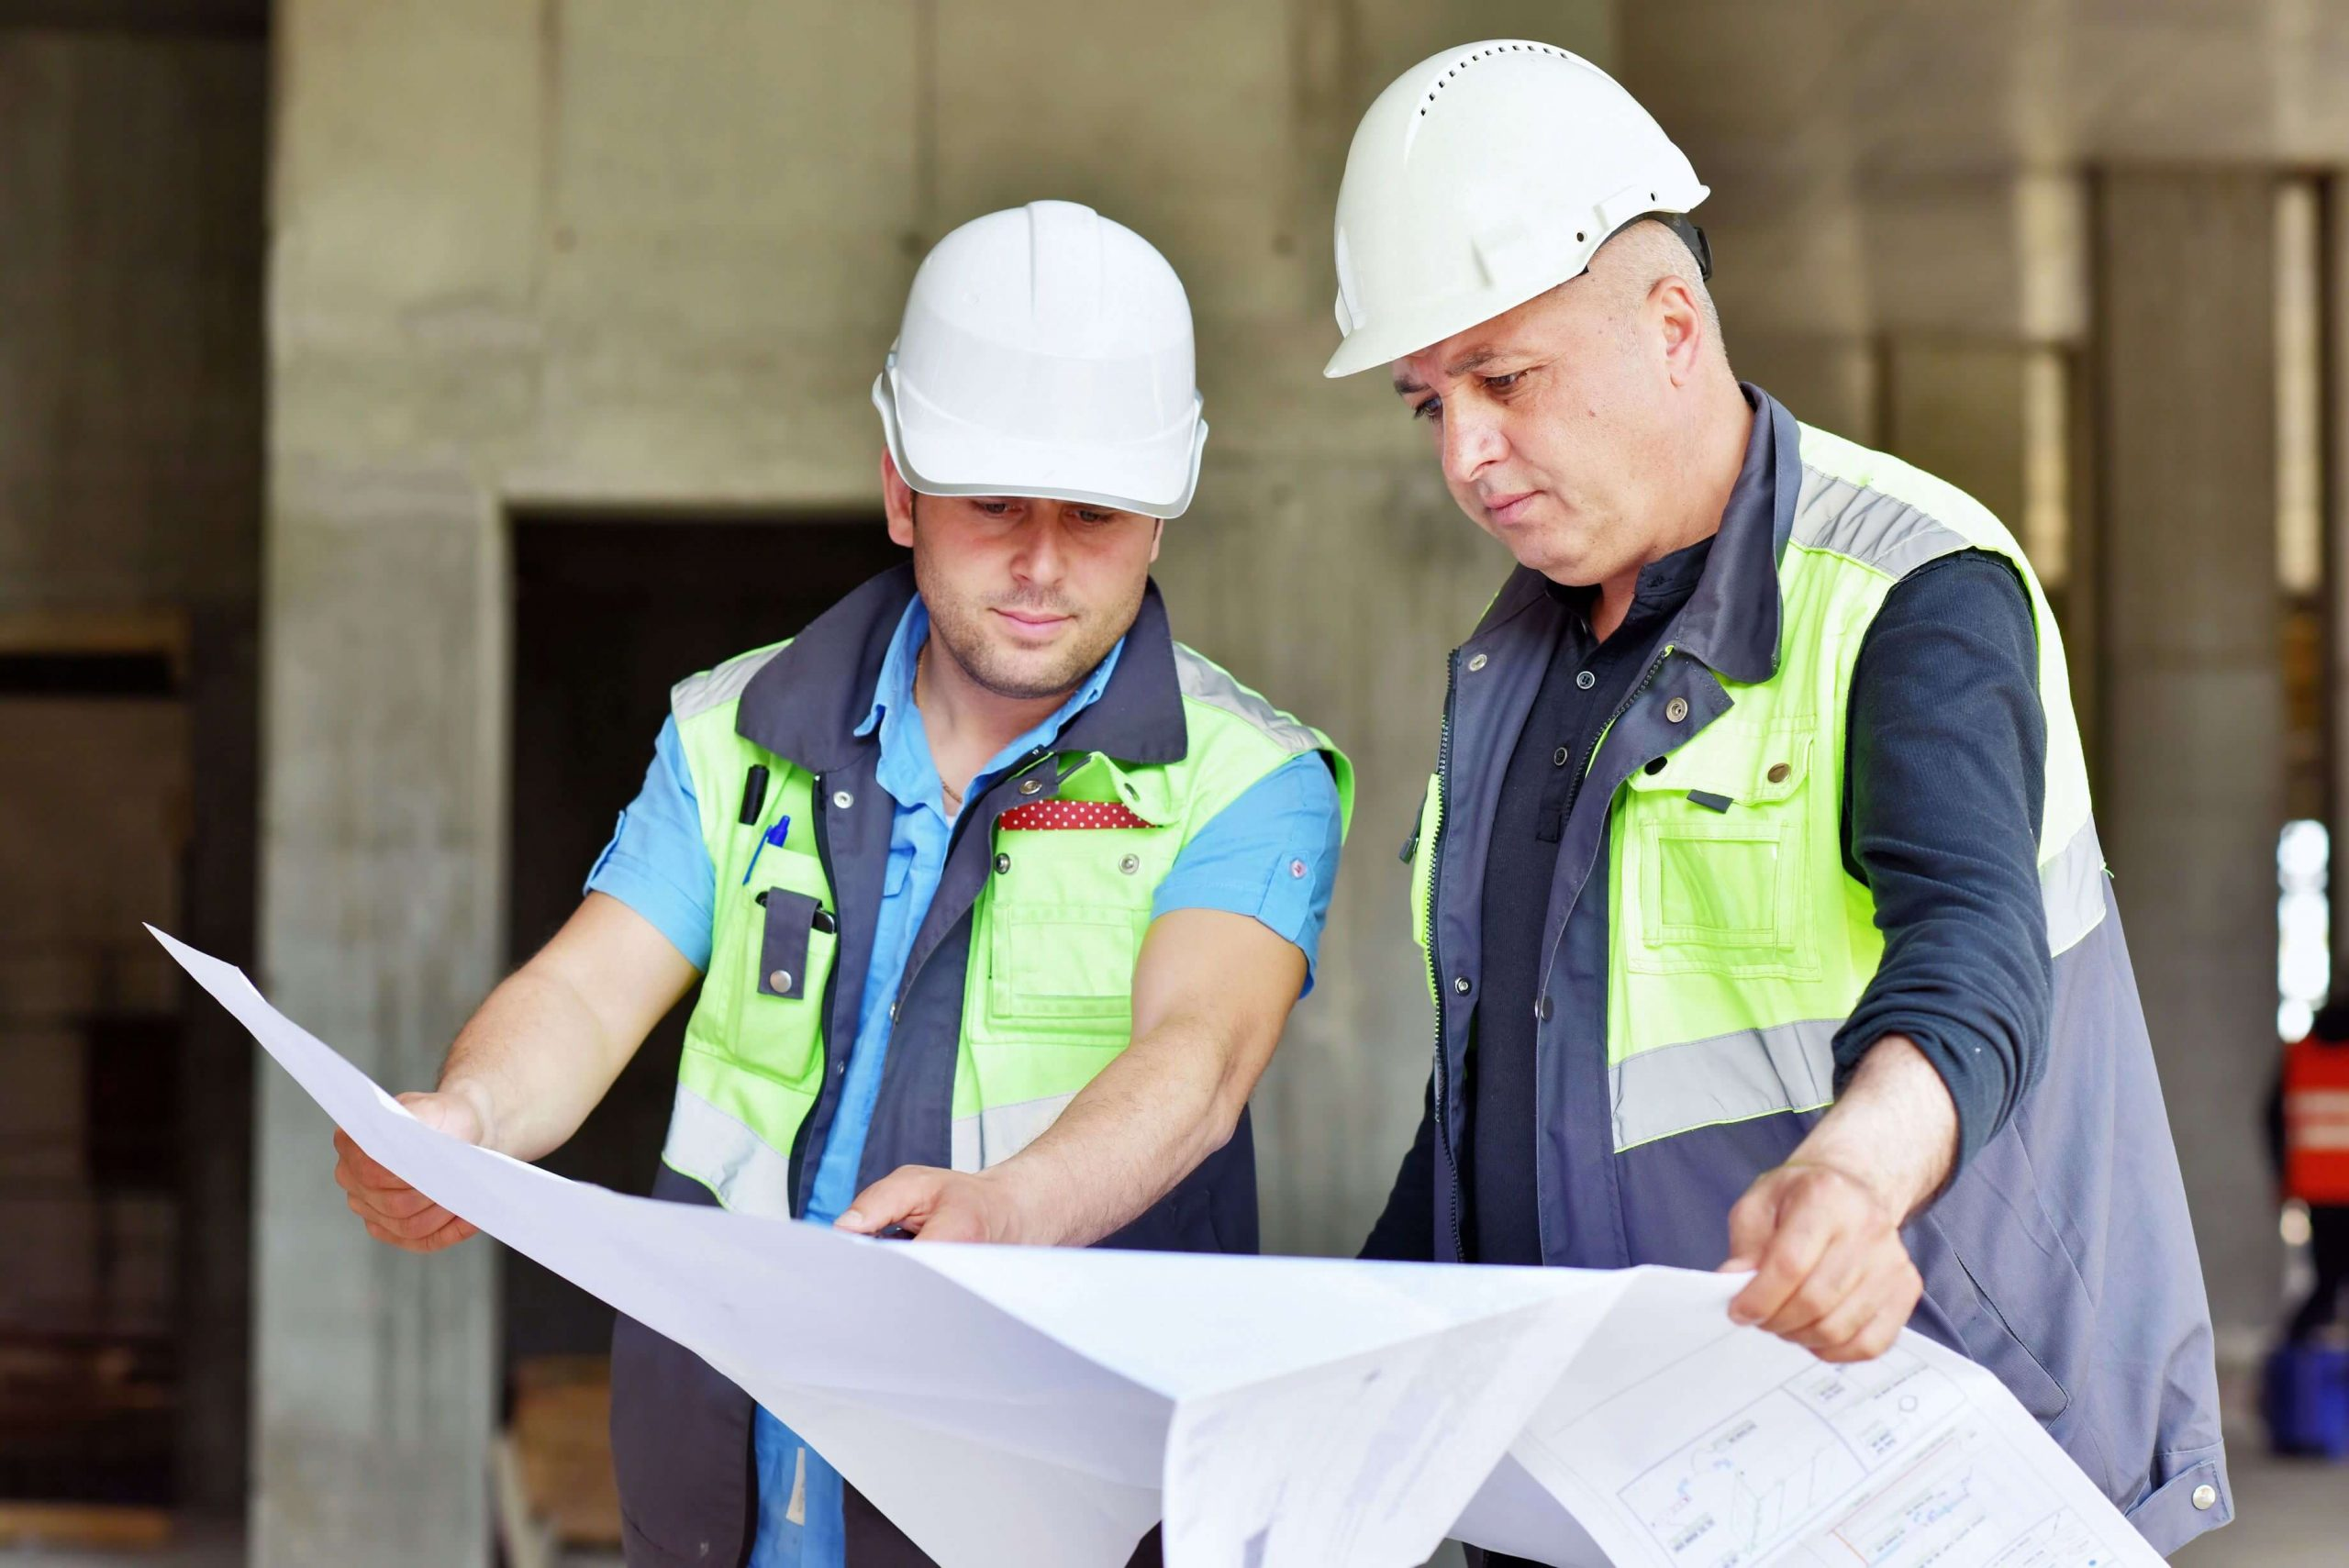 Dịch tài liệu xây dựng là một trong những cách giúp ngành xây dựng Việt Nam tiến gần với thị trường xây dựng quốc tế.